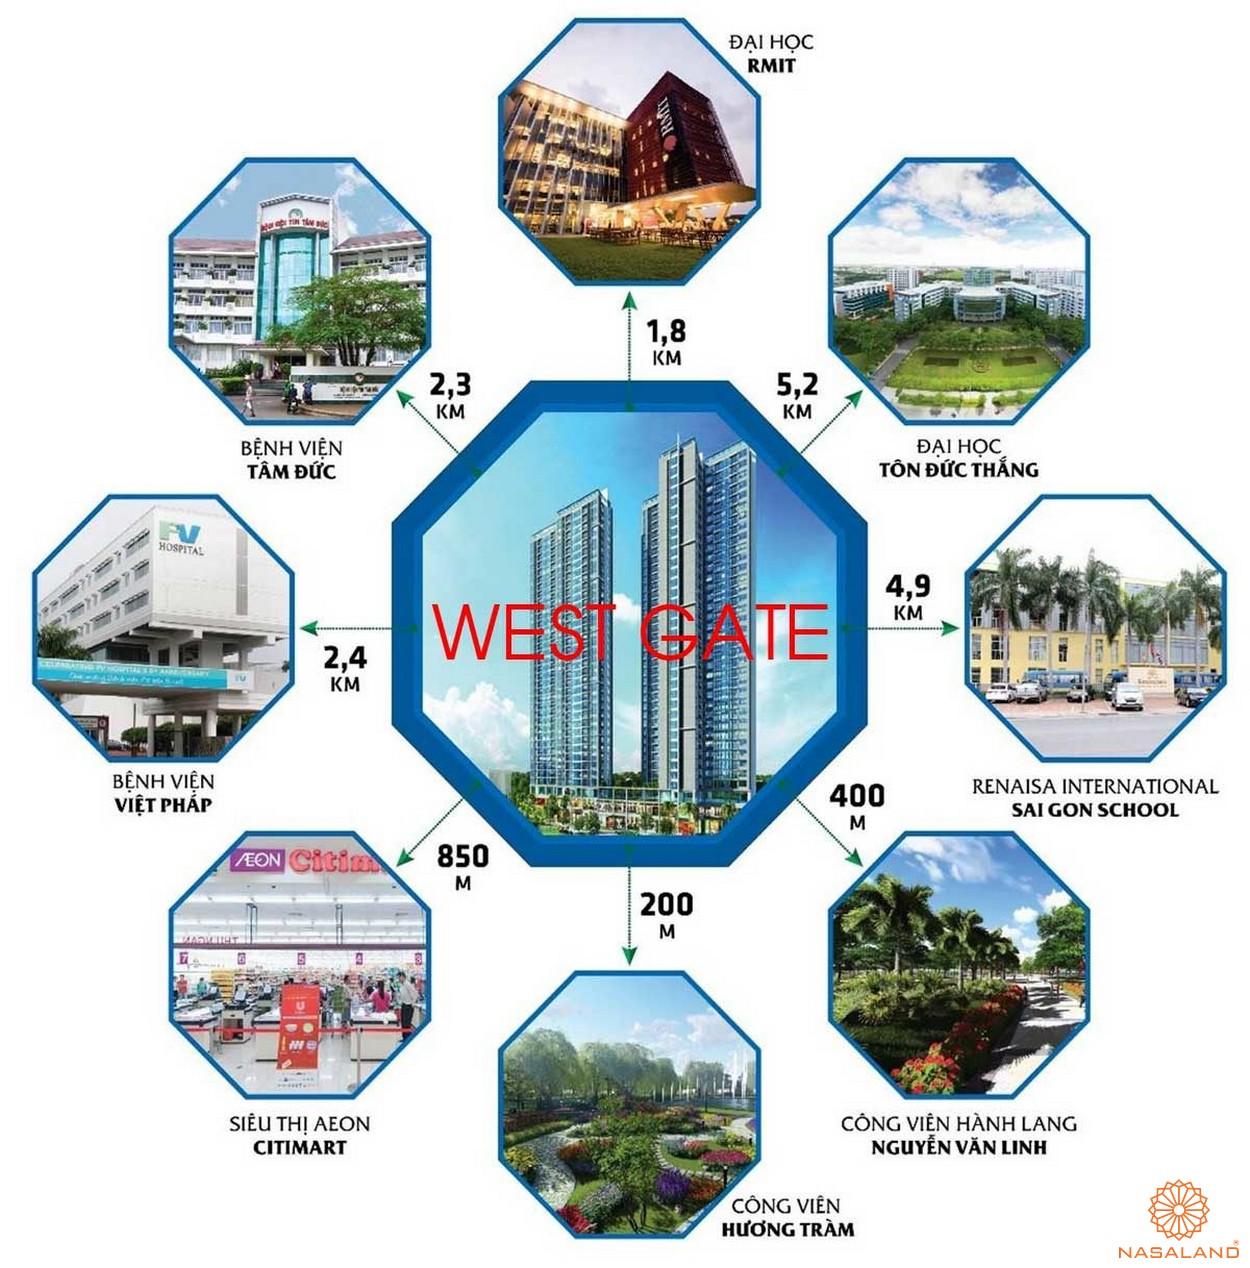 Liên kết vùng dự án West Gate Bình Chánh